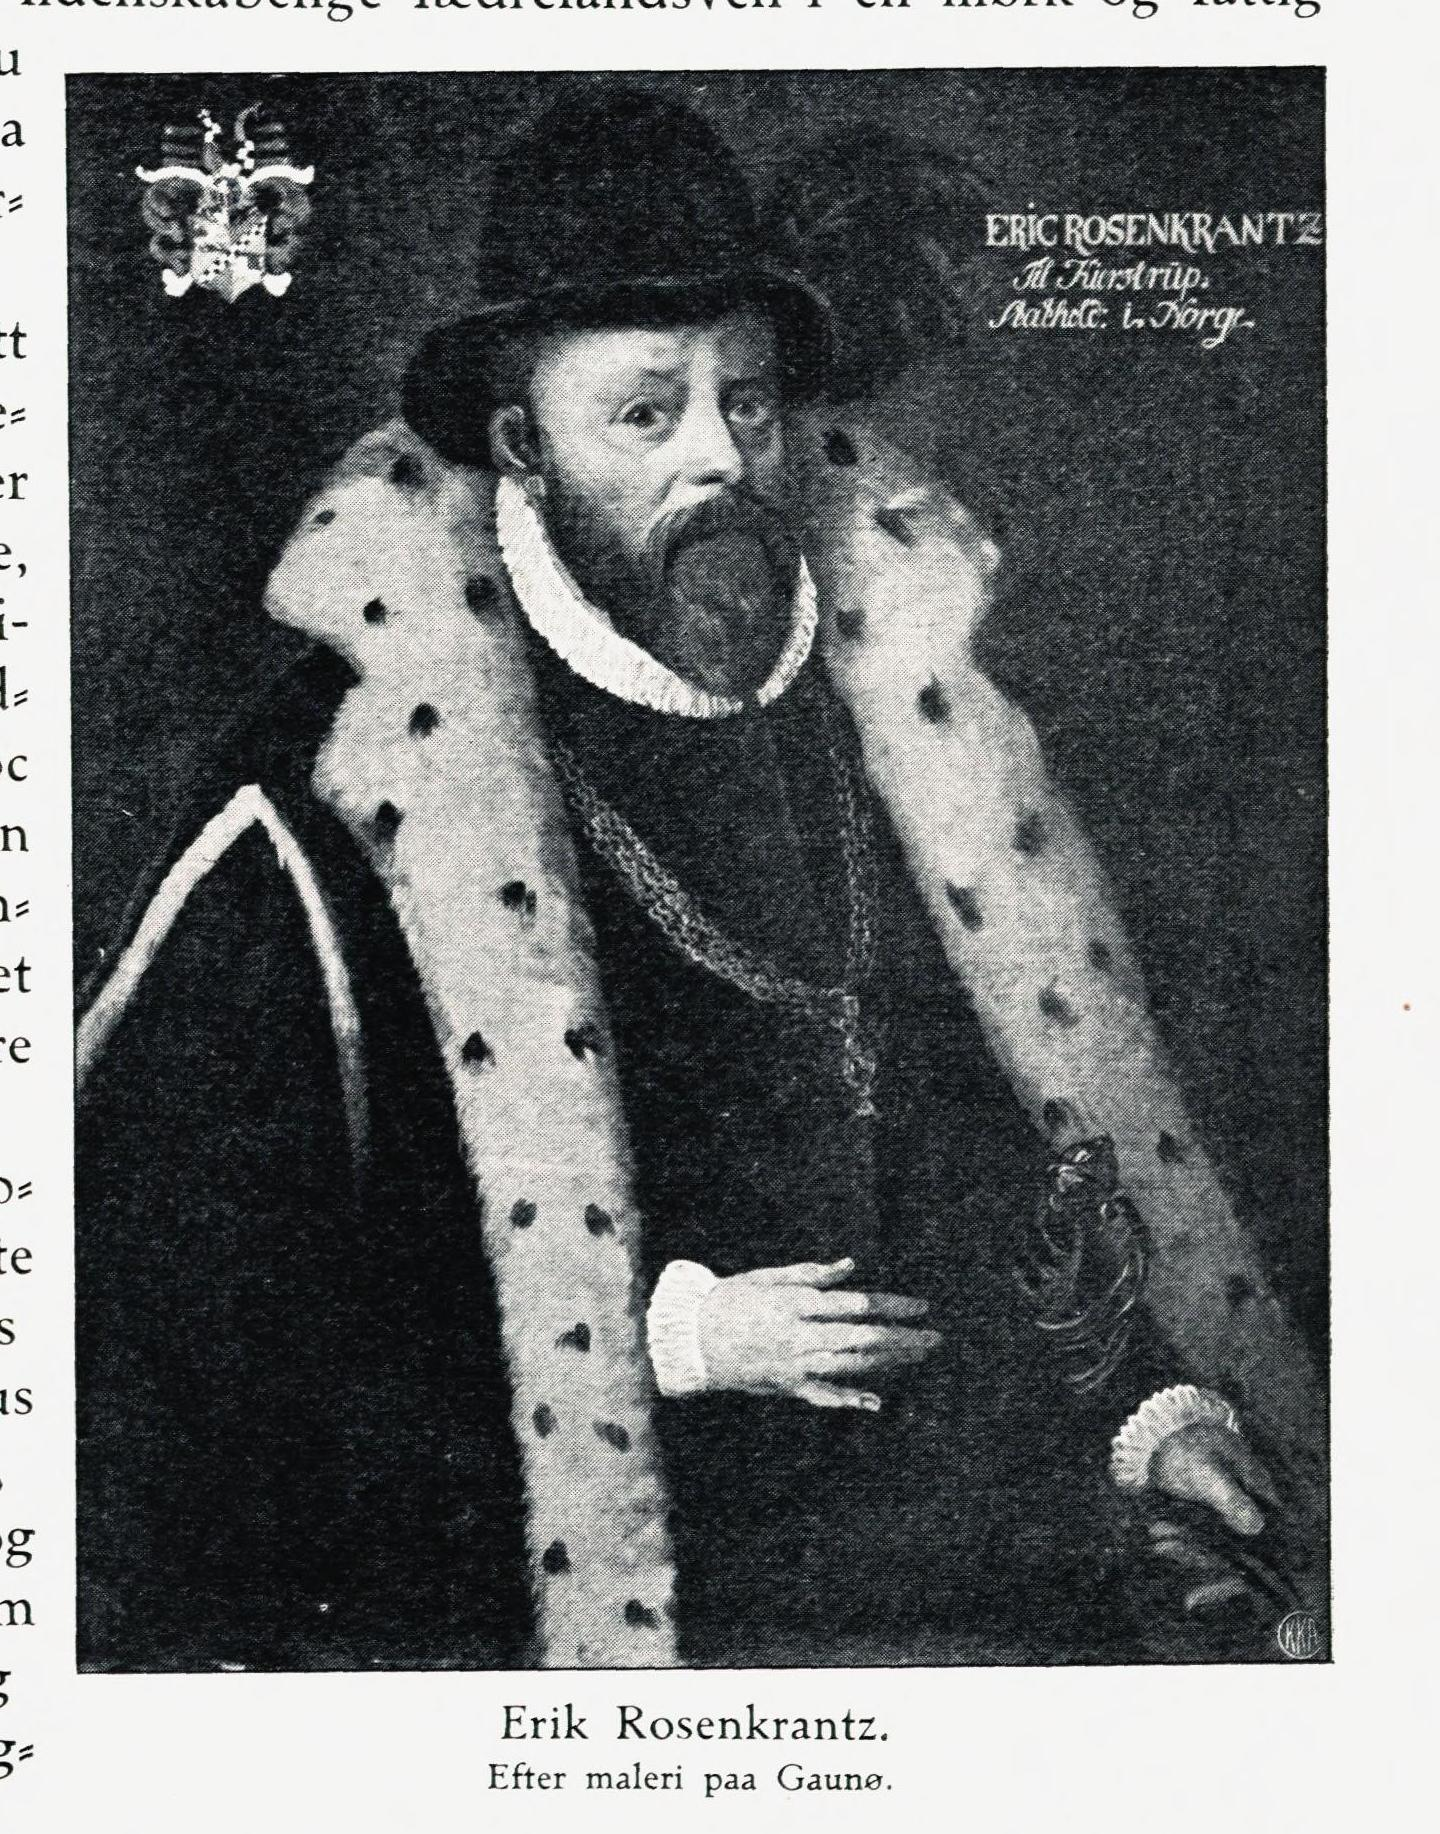 Erik Rosenkrantz